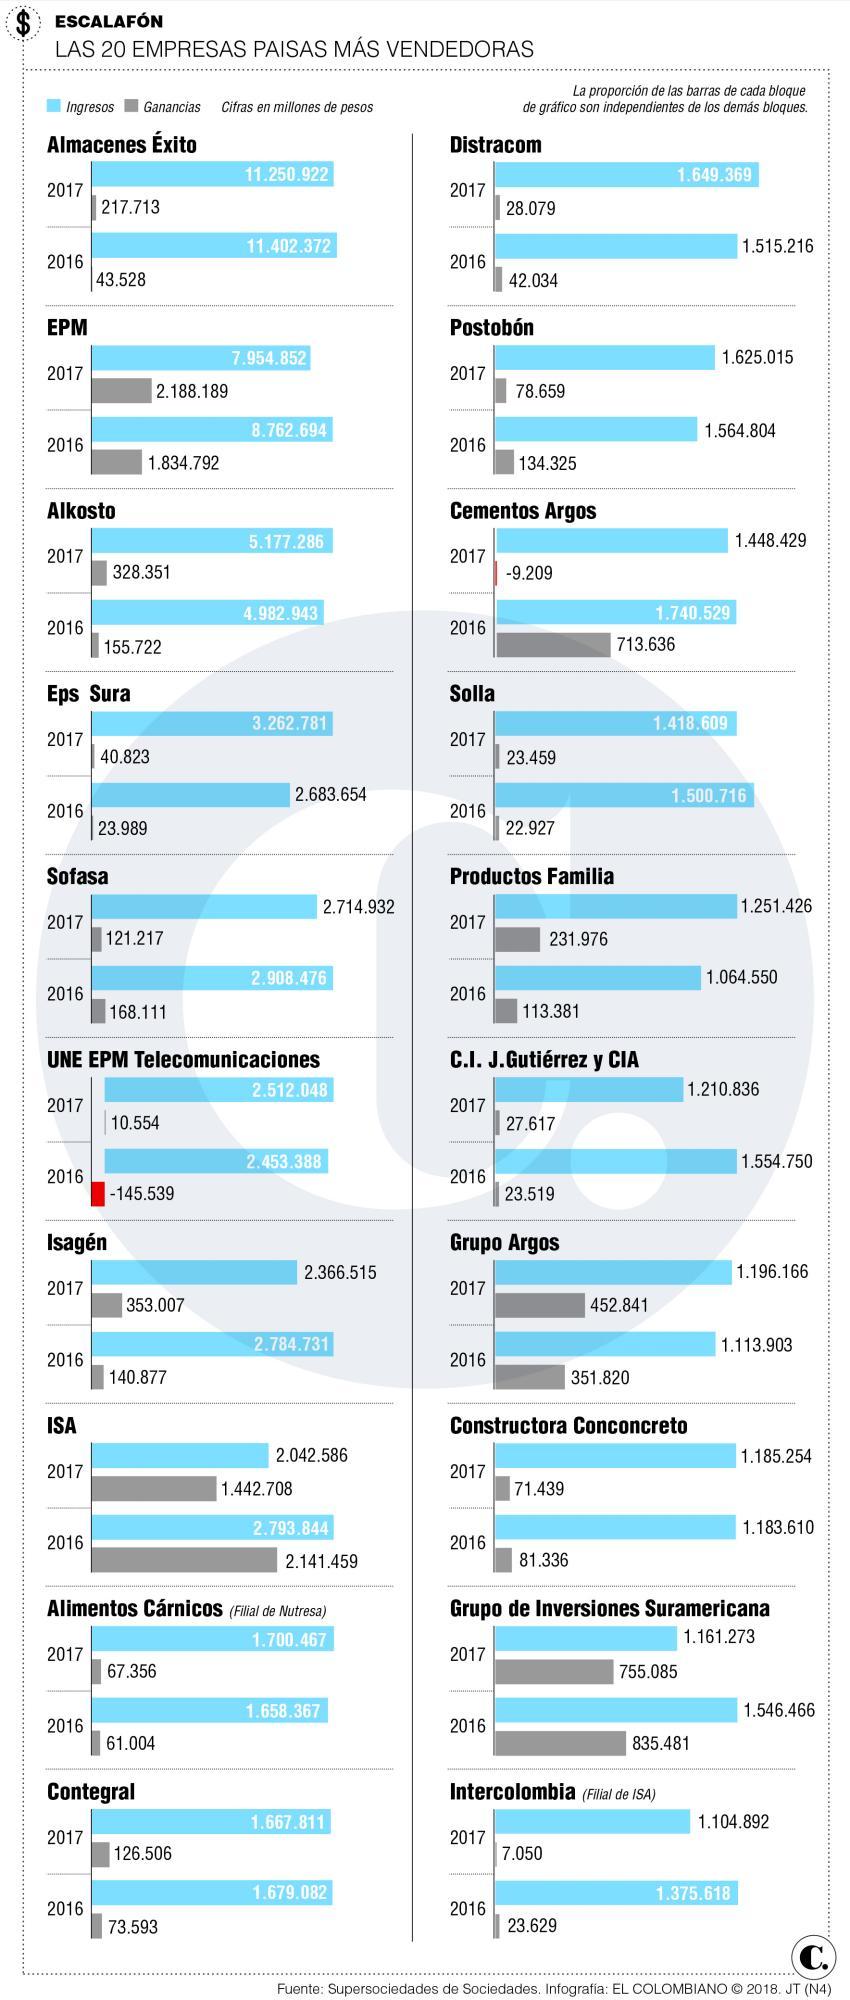 Empresas antioqueñas: resultados en 2017